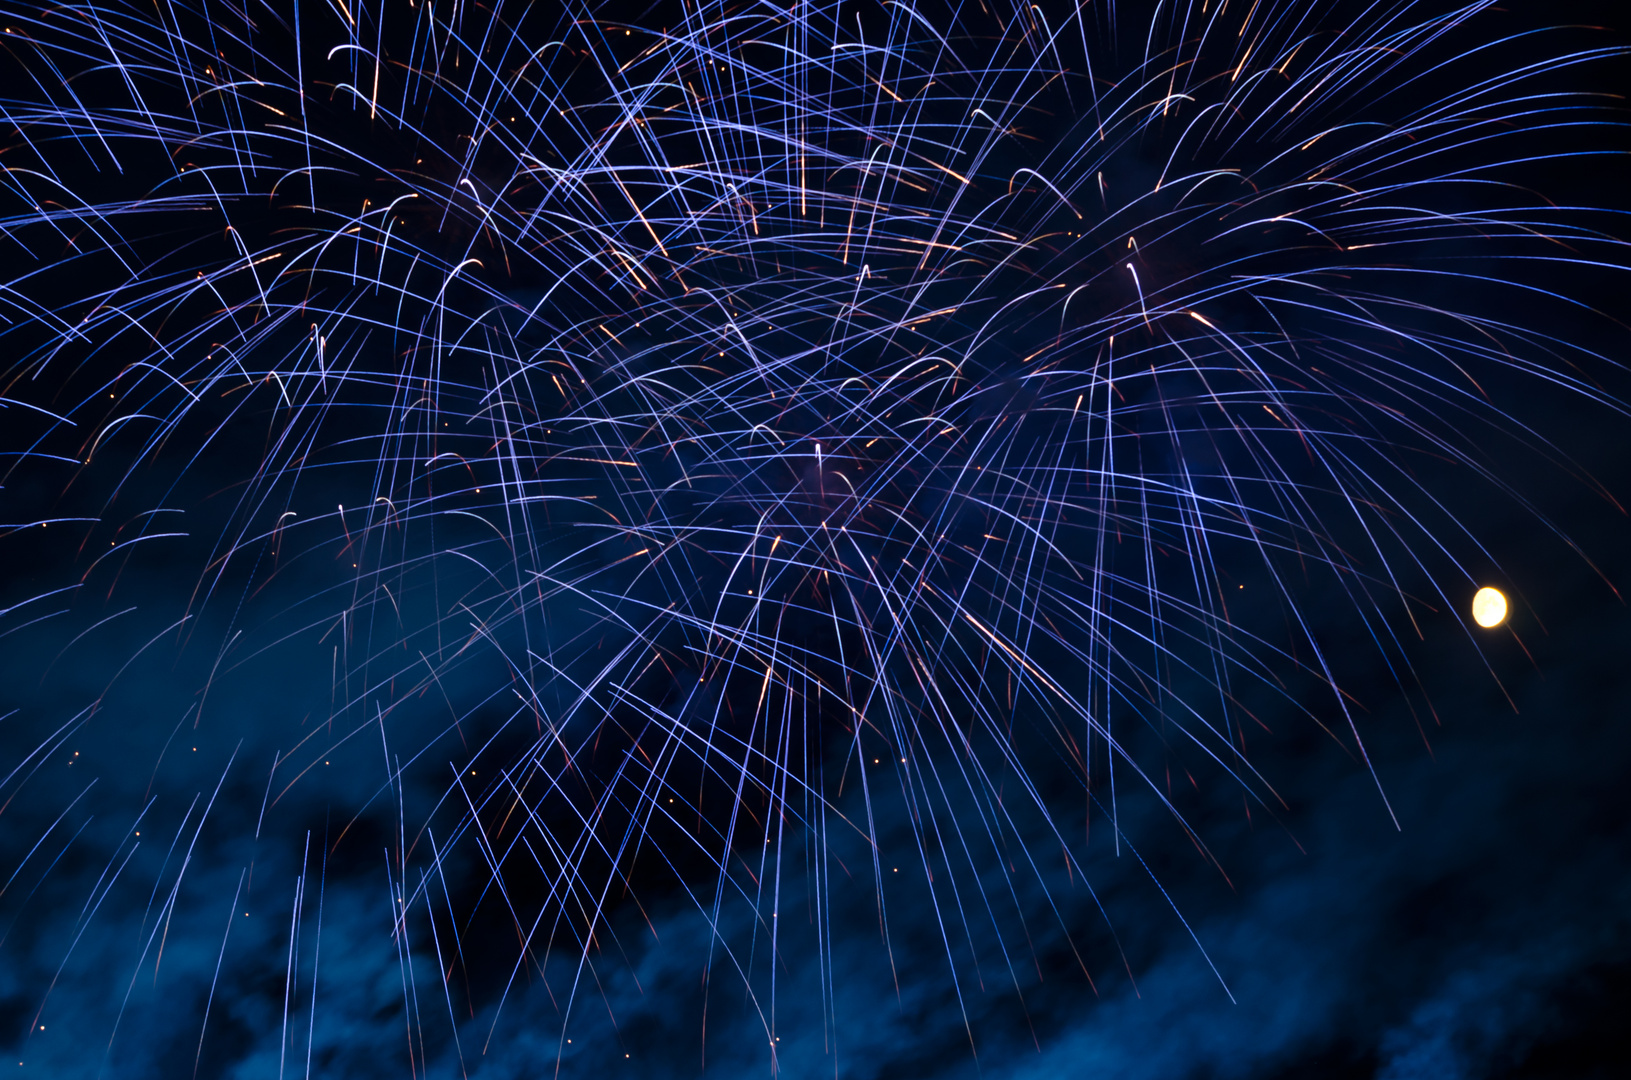 Flammende Sterne 2013 - Bild 1